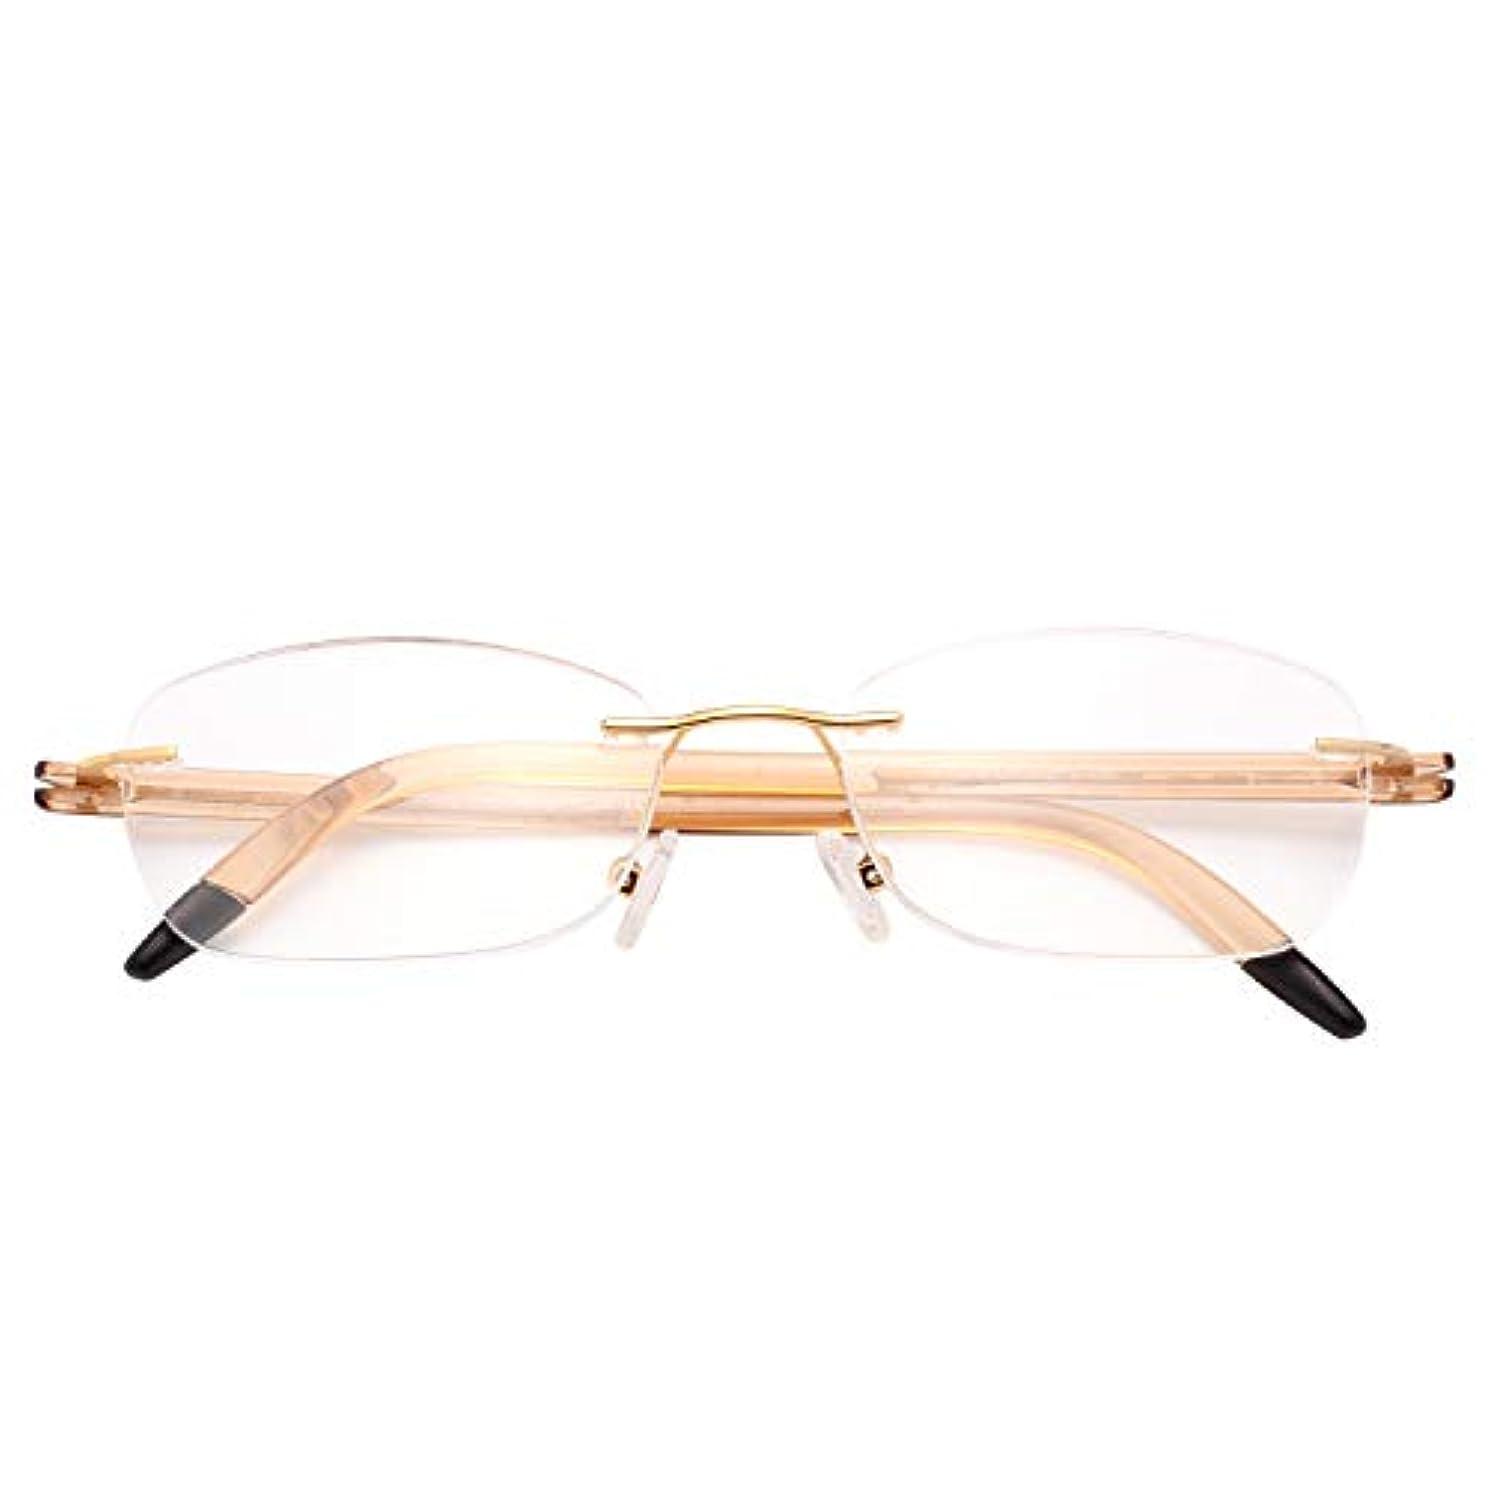 (レンサン) LianSan老眼鏡 ツーボイント リムレス TR90 軽量 曲がる 弾性 ウェリントン ユニセックス メンズ レディース おしゃれ 老メガネ L8019 +2.50